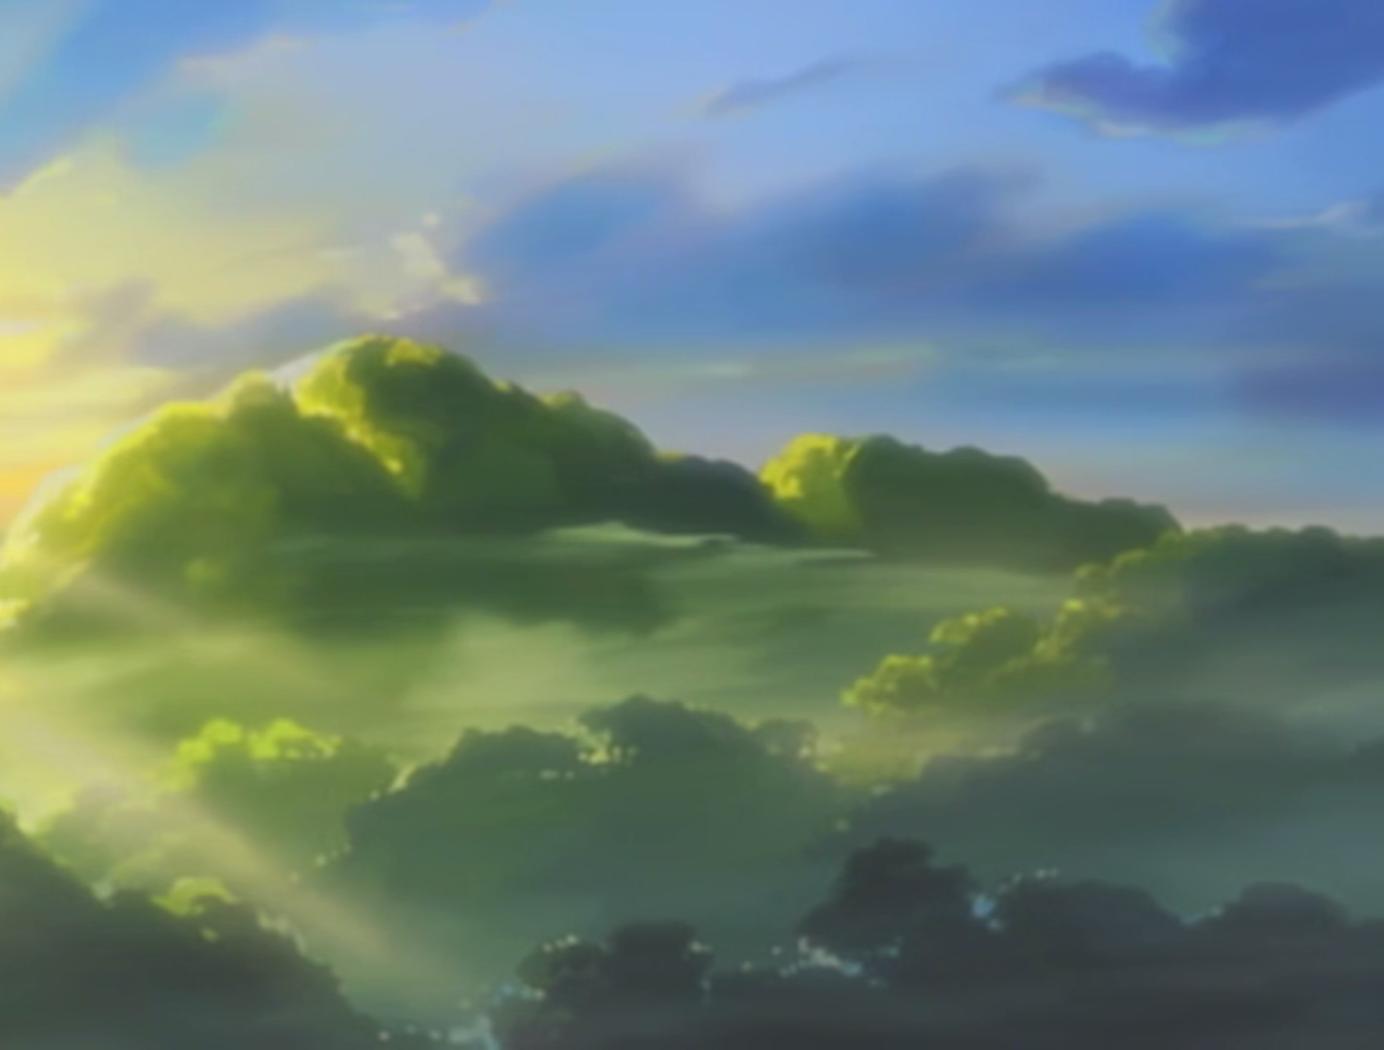 Naruto - Episódio 210: A Floresta Desconcertante